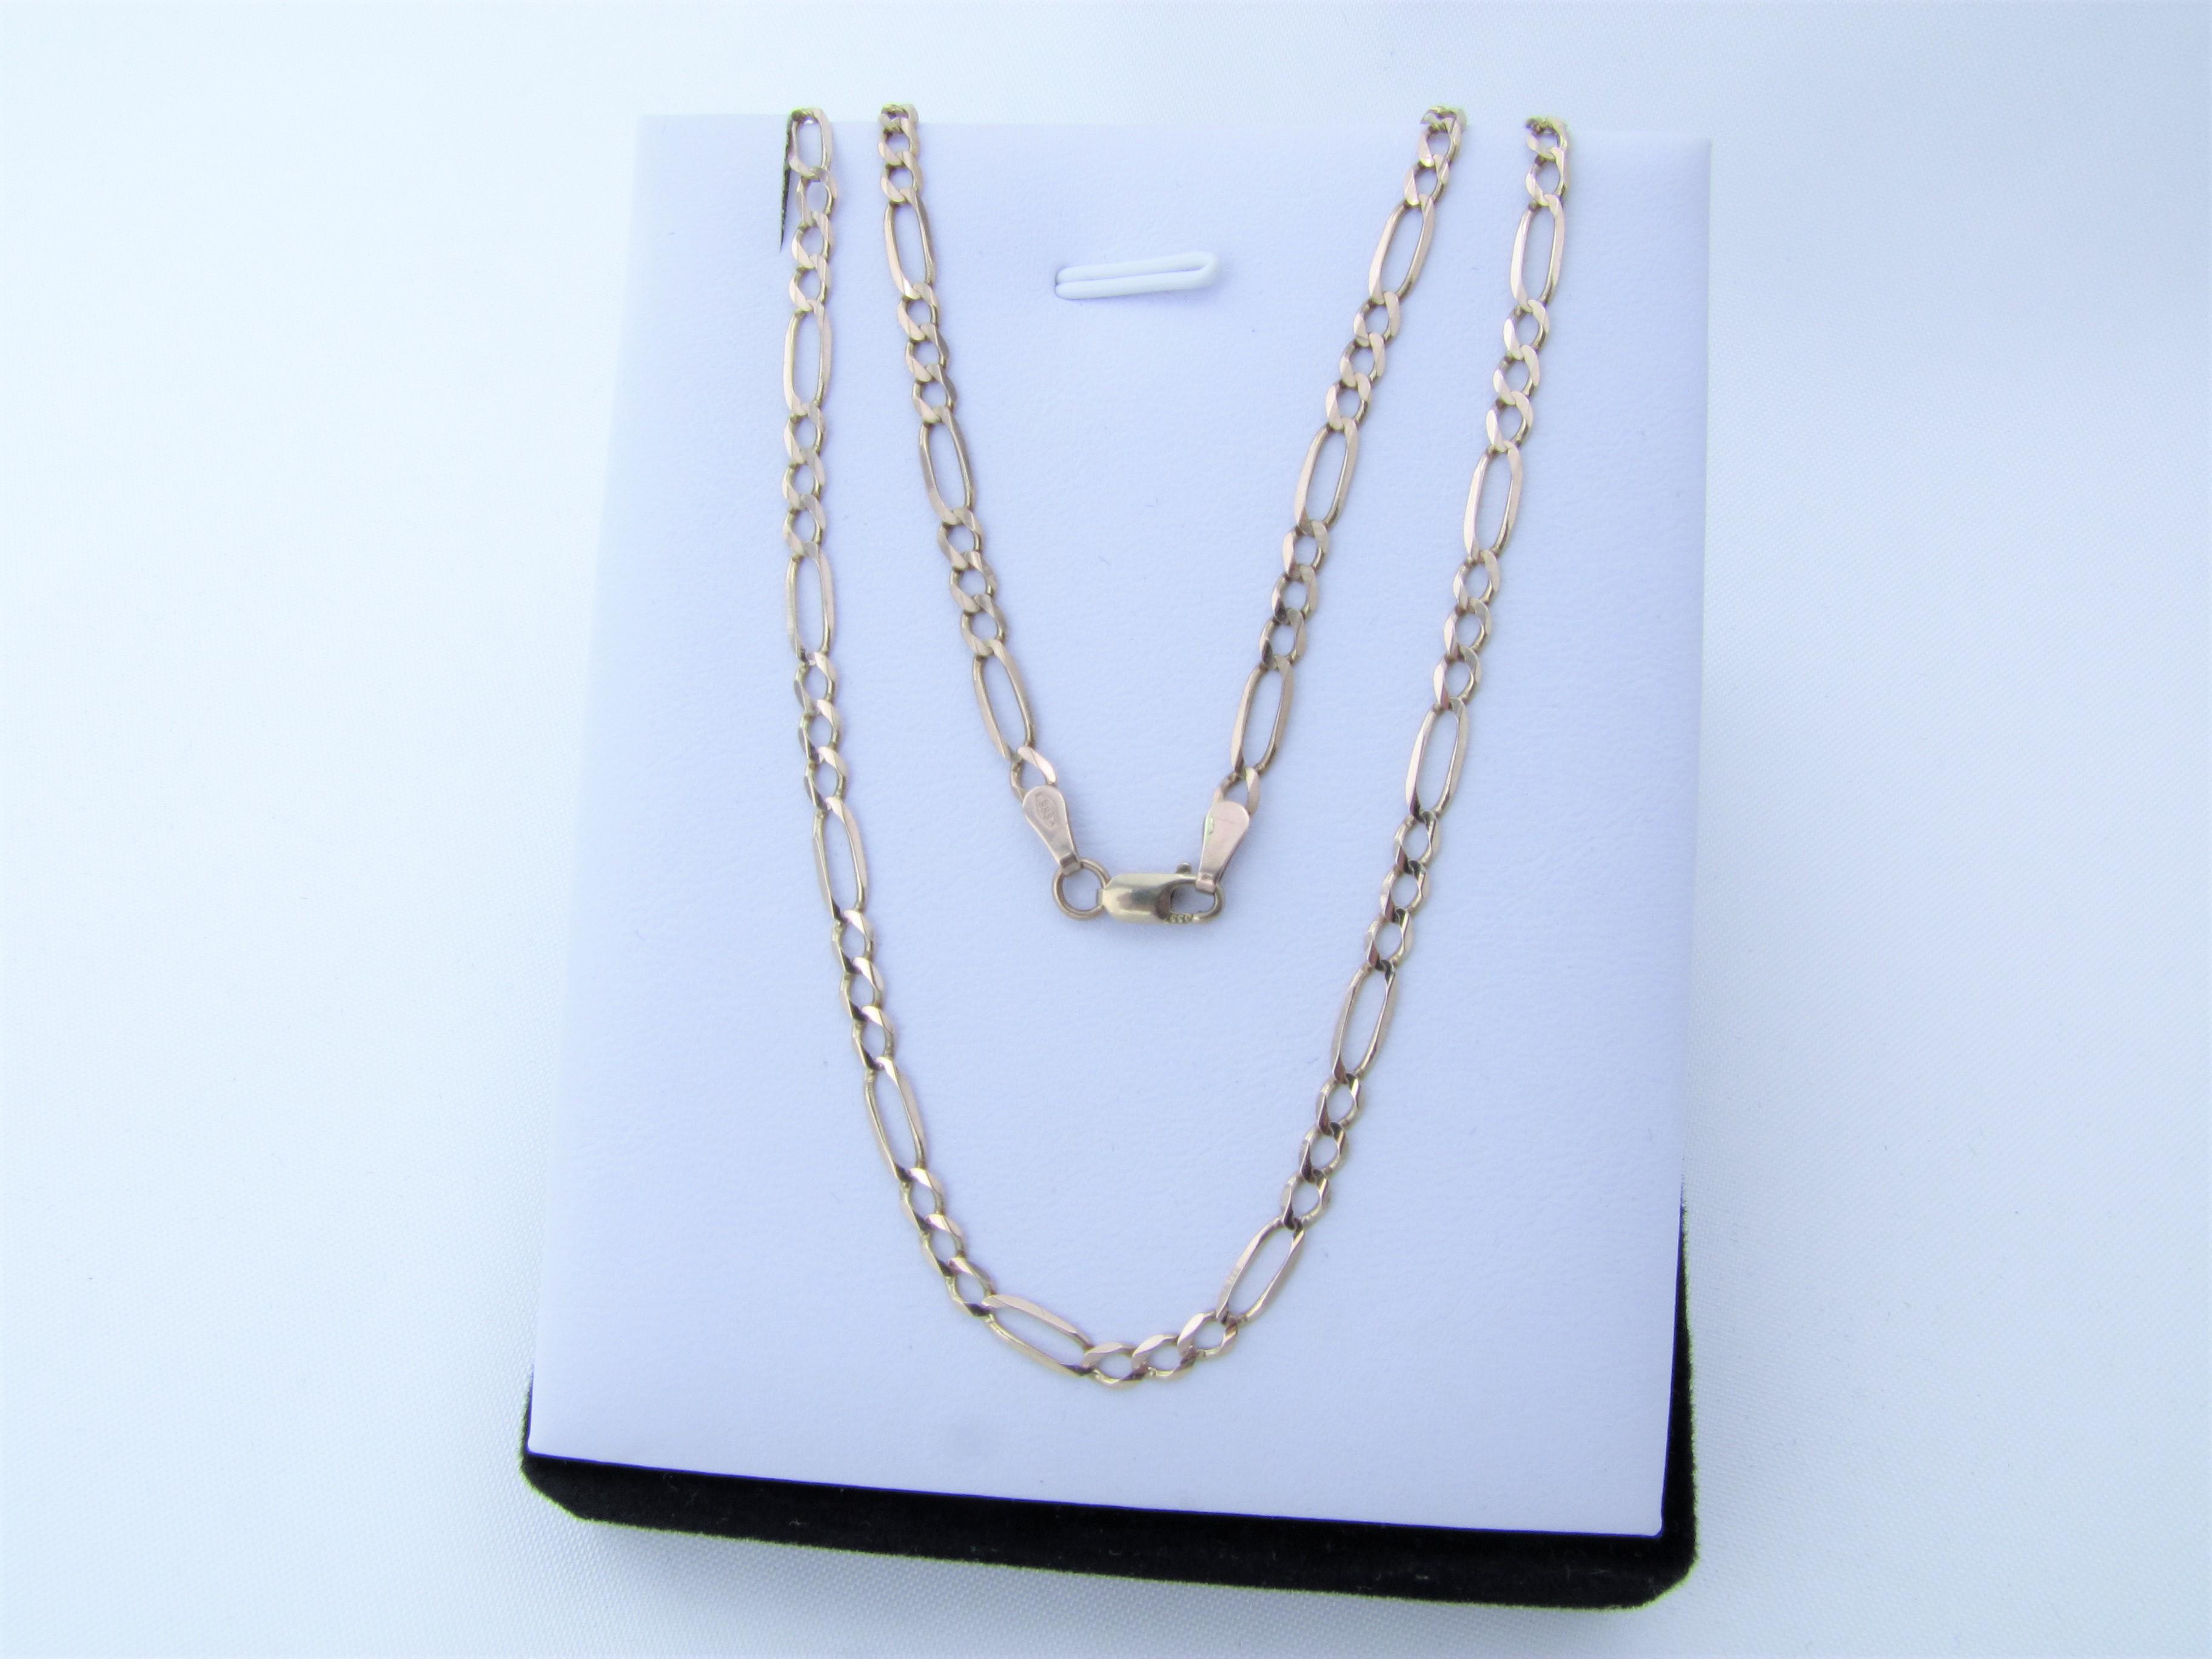 Klassisk Guld halskæde 8 karat Figaro kæde billigt til salg